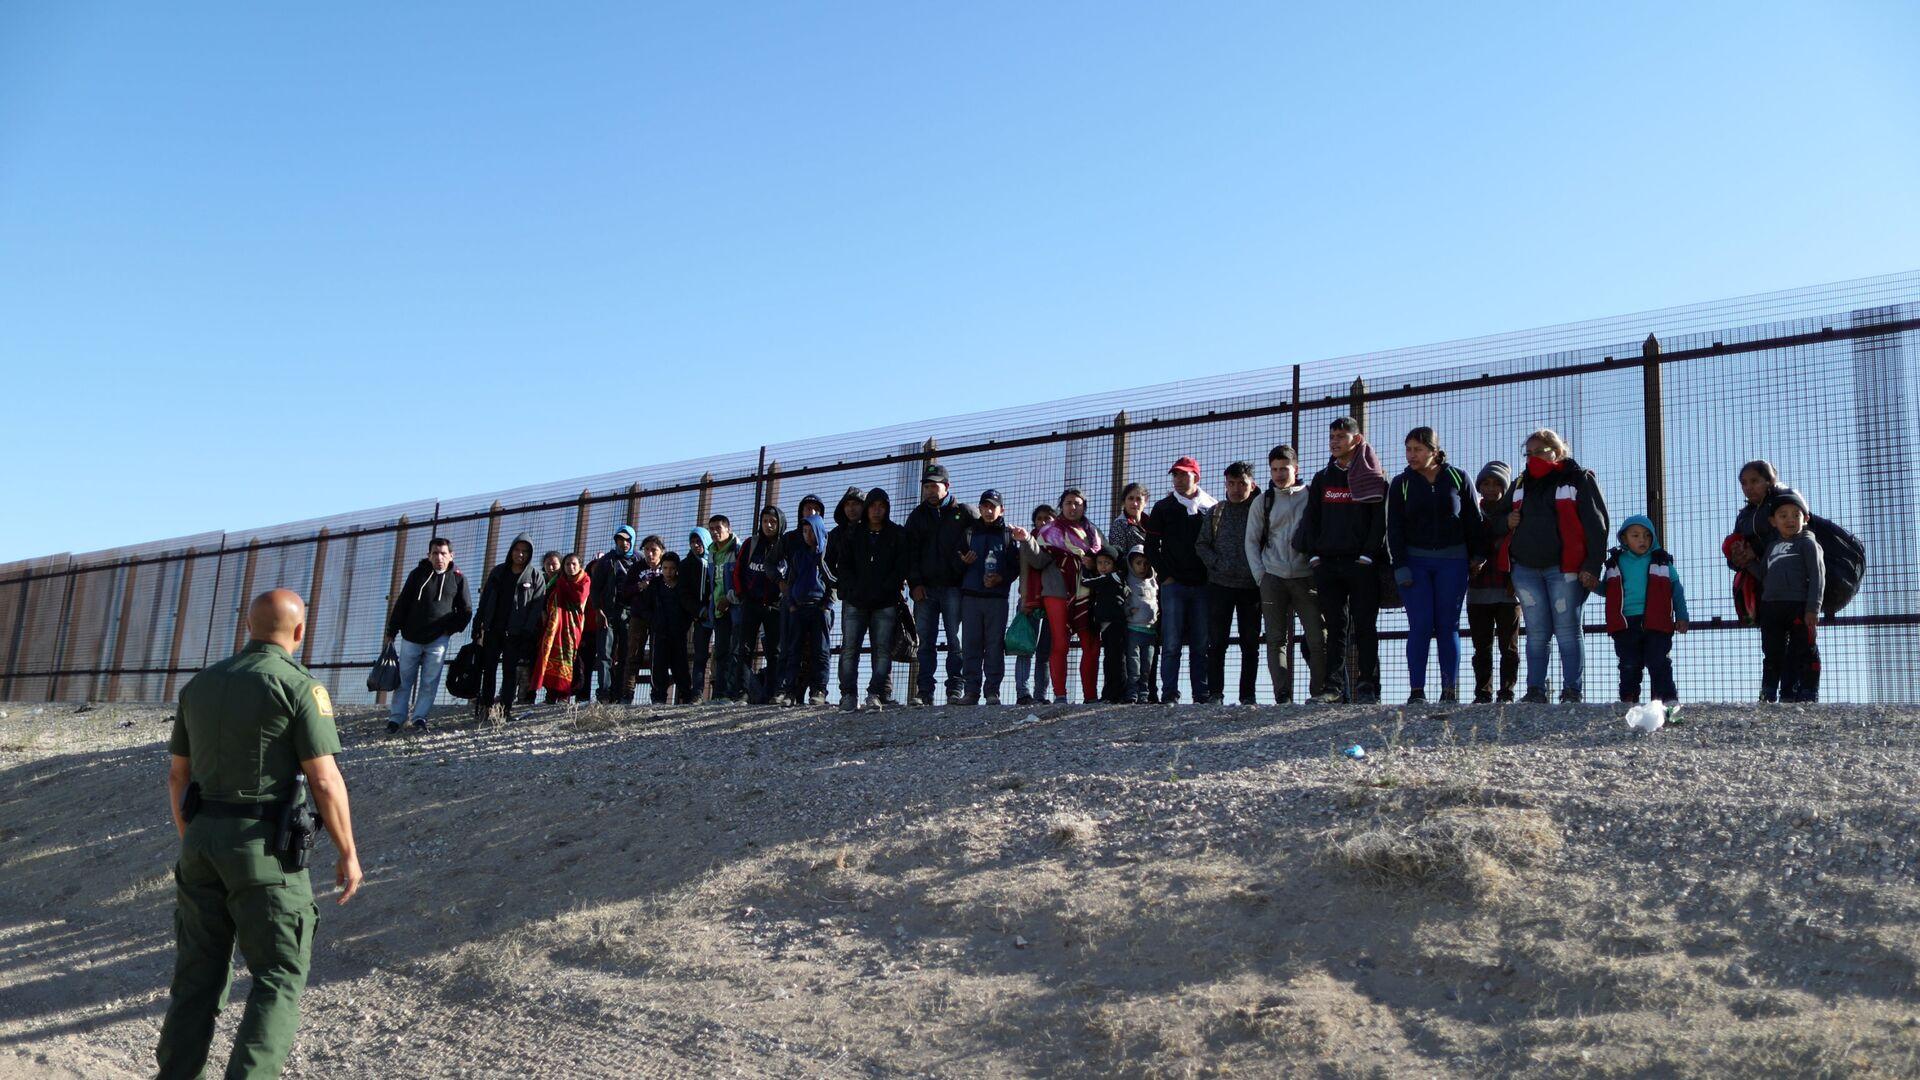 Migranti al confine tra USA e Messico - Sputnik Italia, 1920, 15.07.2021